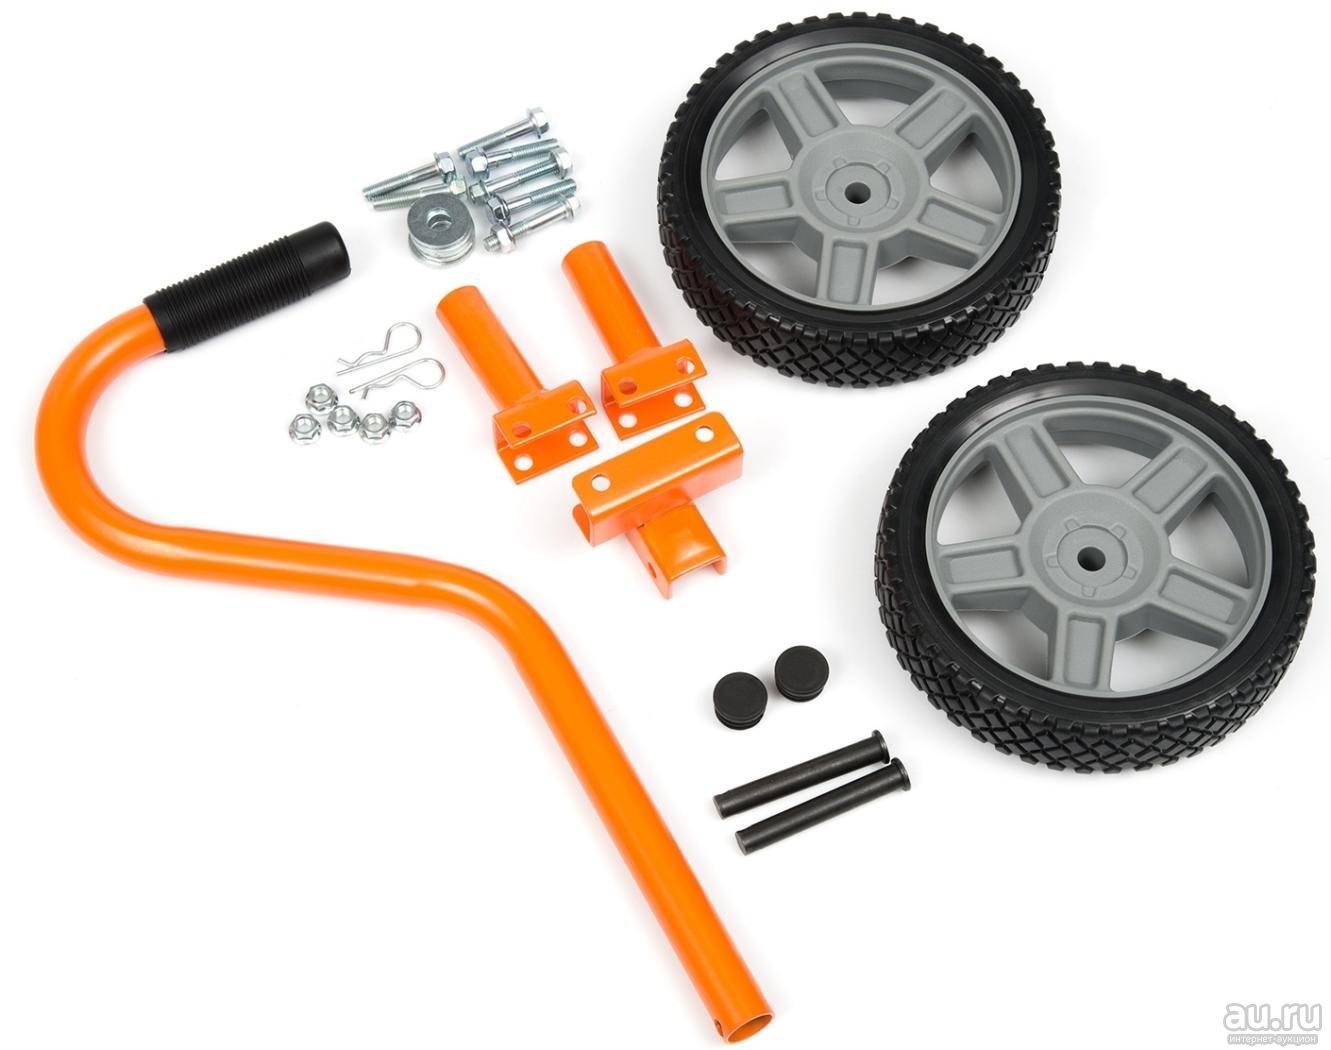 Комплект колес для генераторов ECT 7000 в Родникие